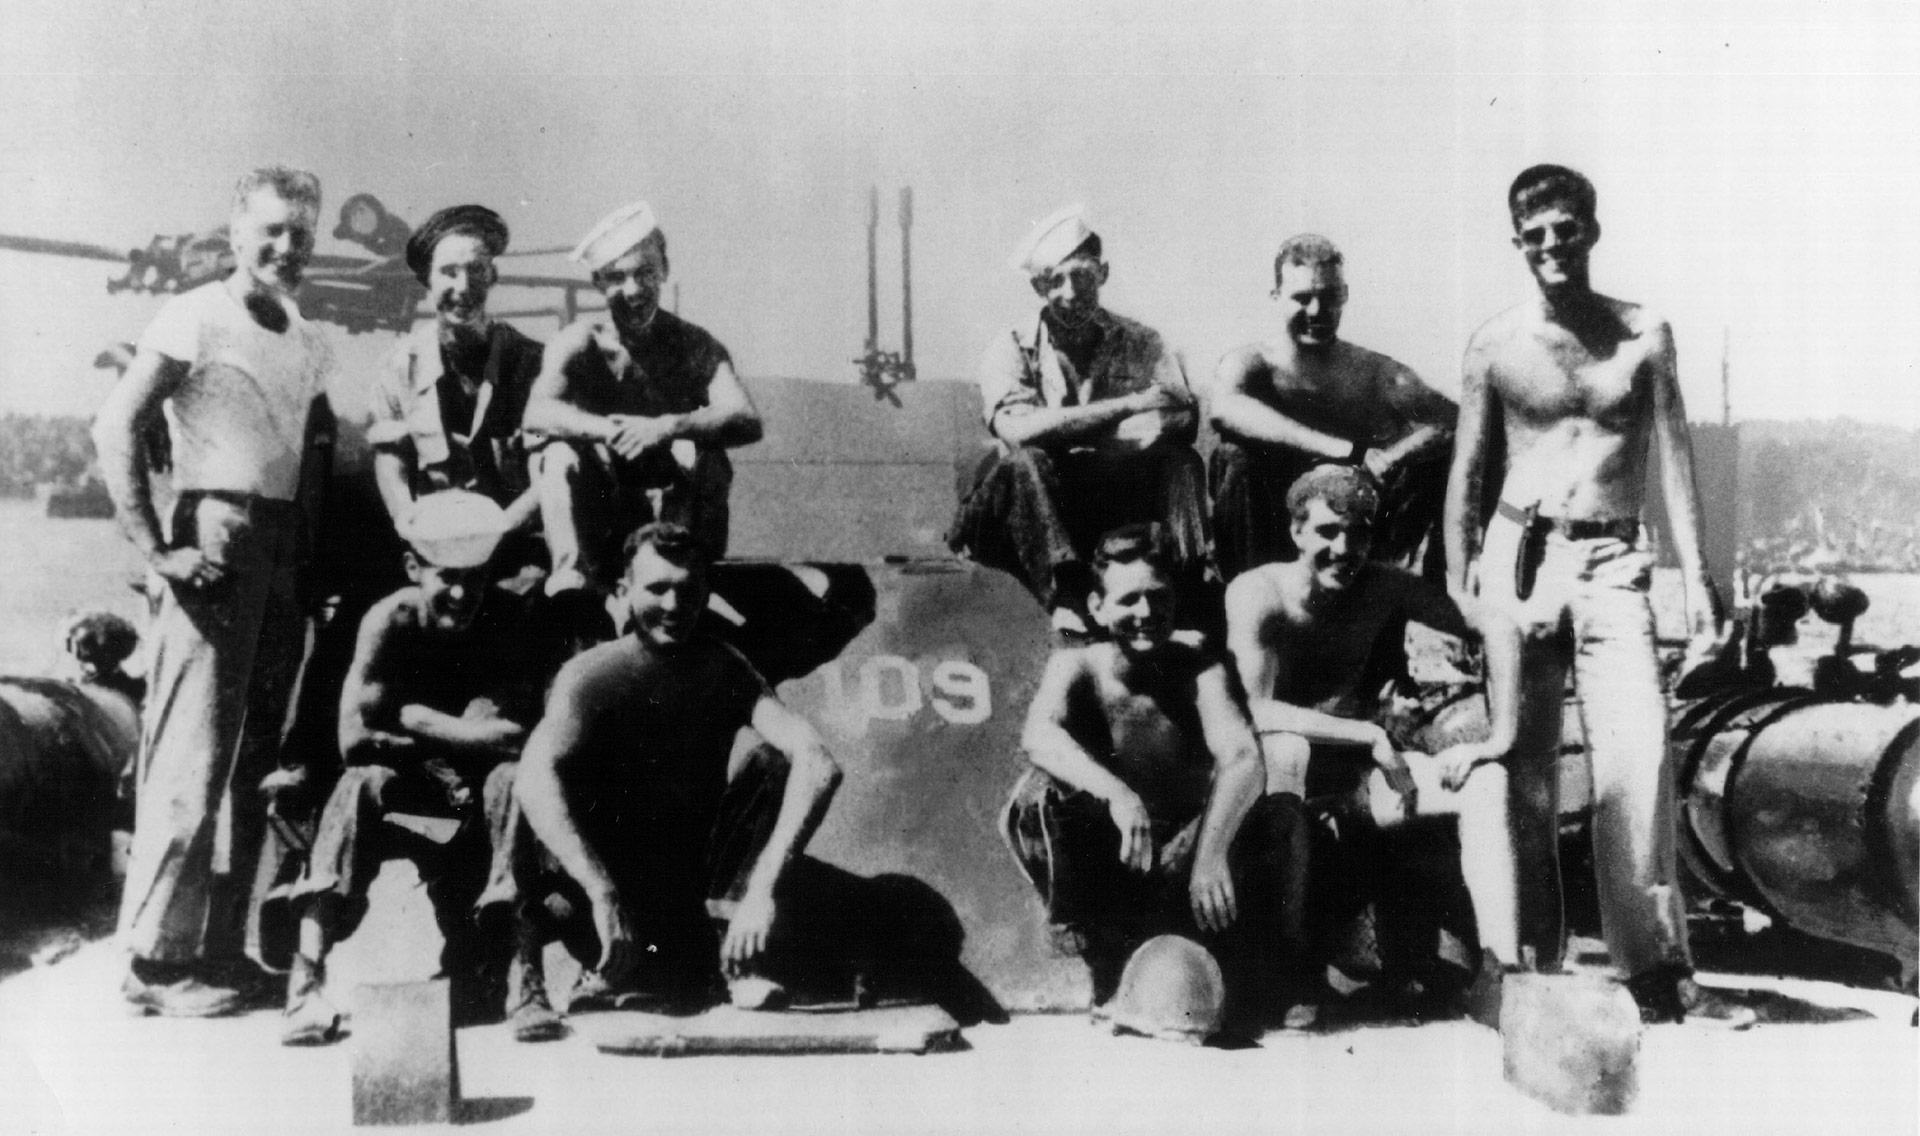 El teniente Kennedy (de pie, con lentes de sol) en la segunda guerra mundial, cuando comandó la lancha torpedera PT-109 en el Pacífico. En 1943 fue partida al medio por un destructor japonés y el futuro presidente usó sus habilidades de natación para poner a salvo a su tripulación